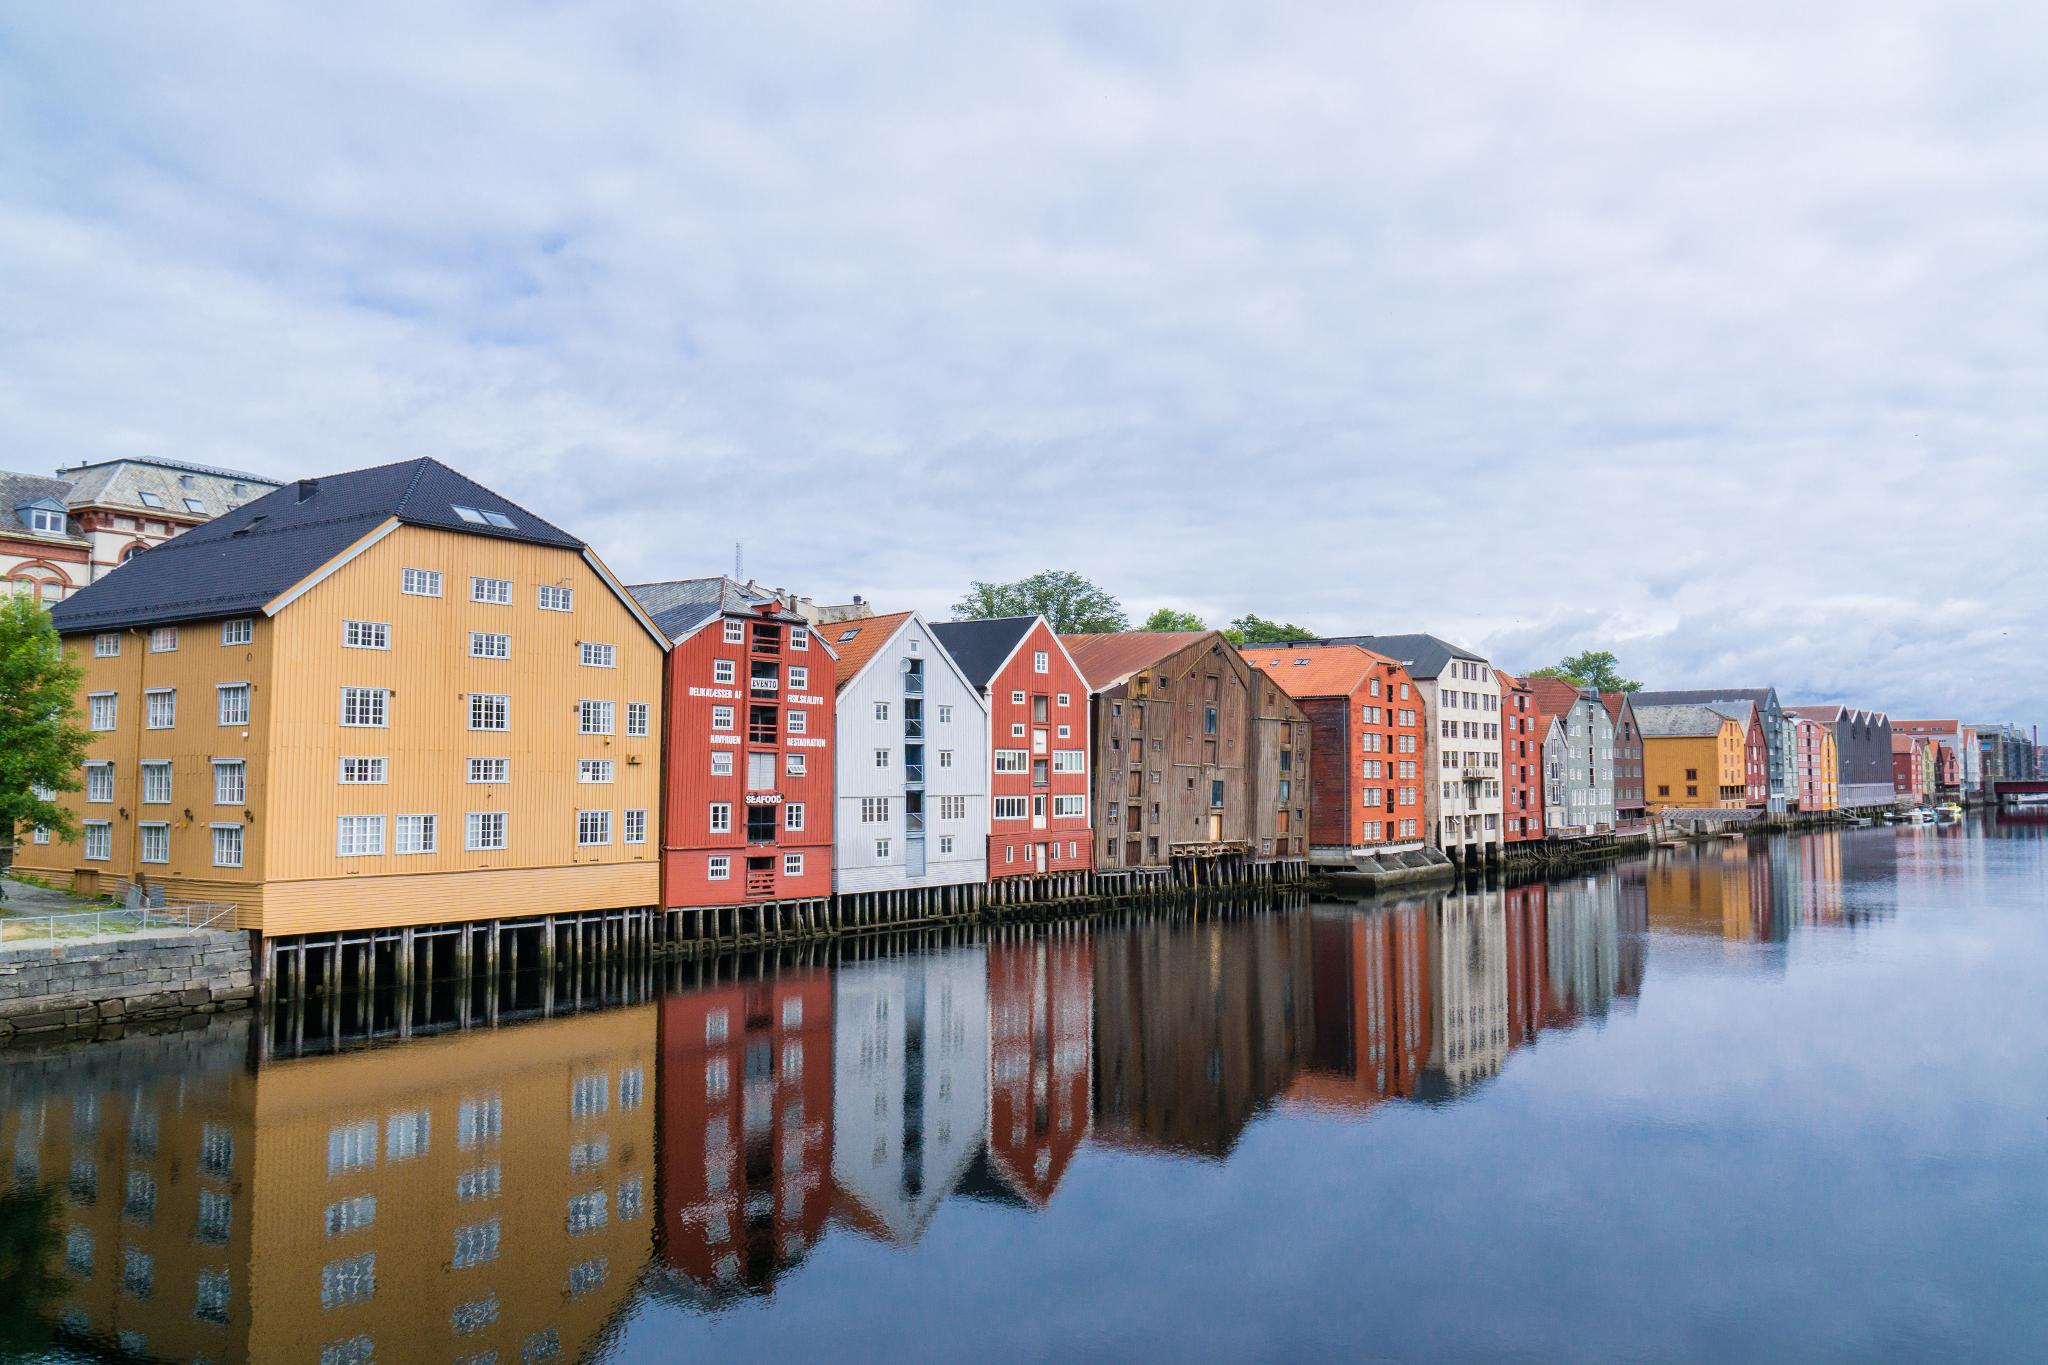 【北歐景點】拜訪維京王的千年古城 - Trondheim 特隆赫姆景點懶人包 14